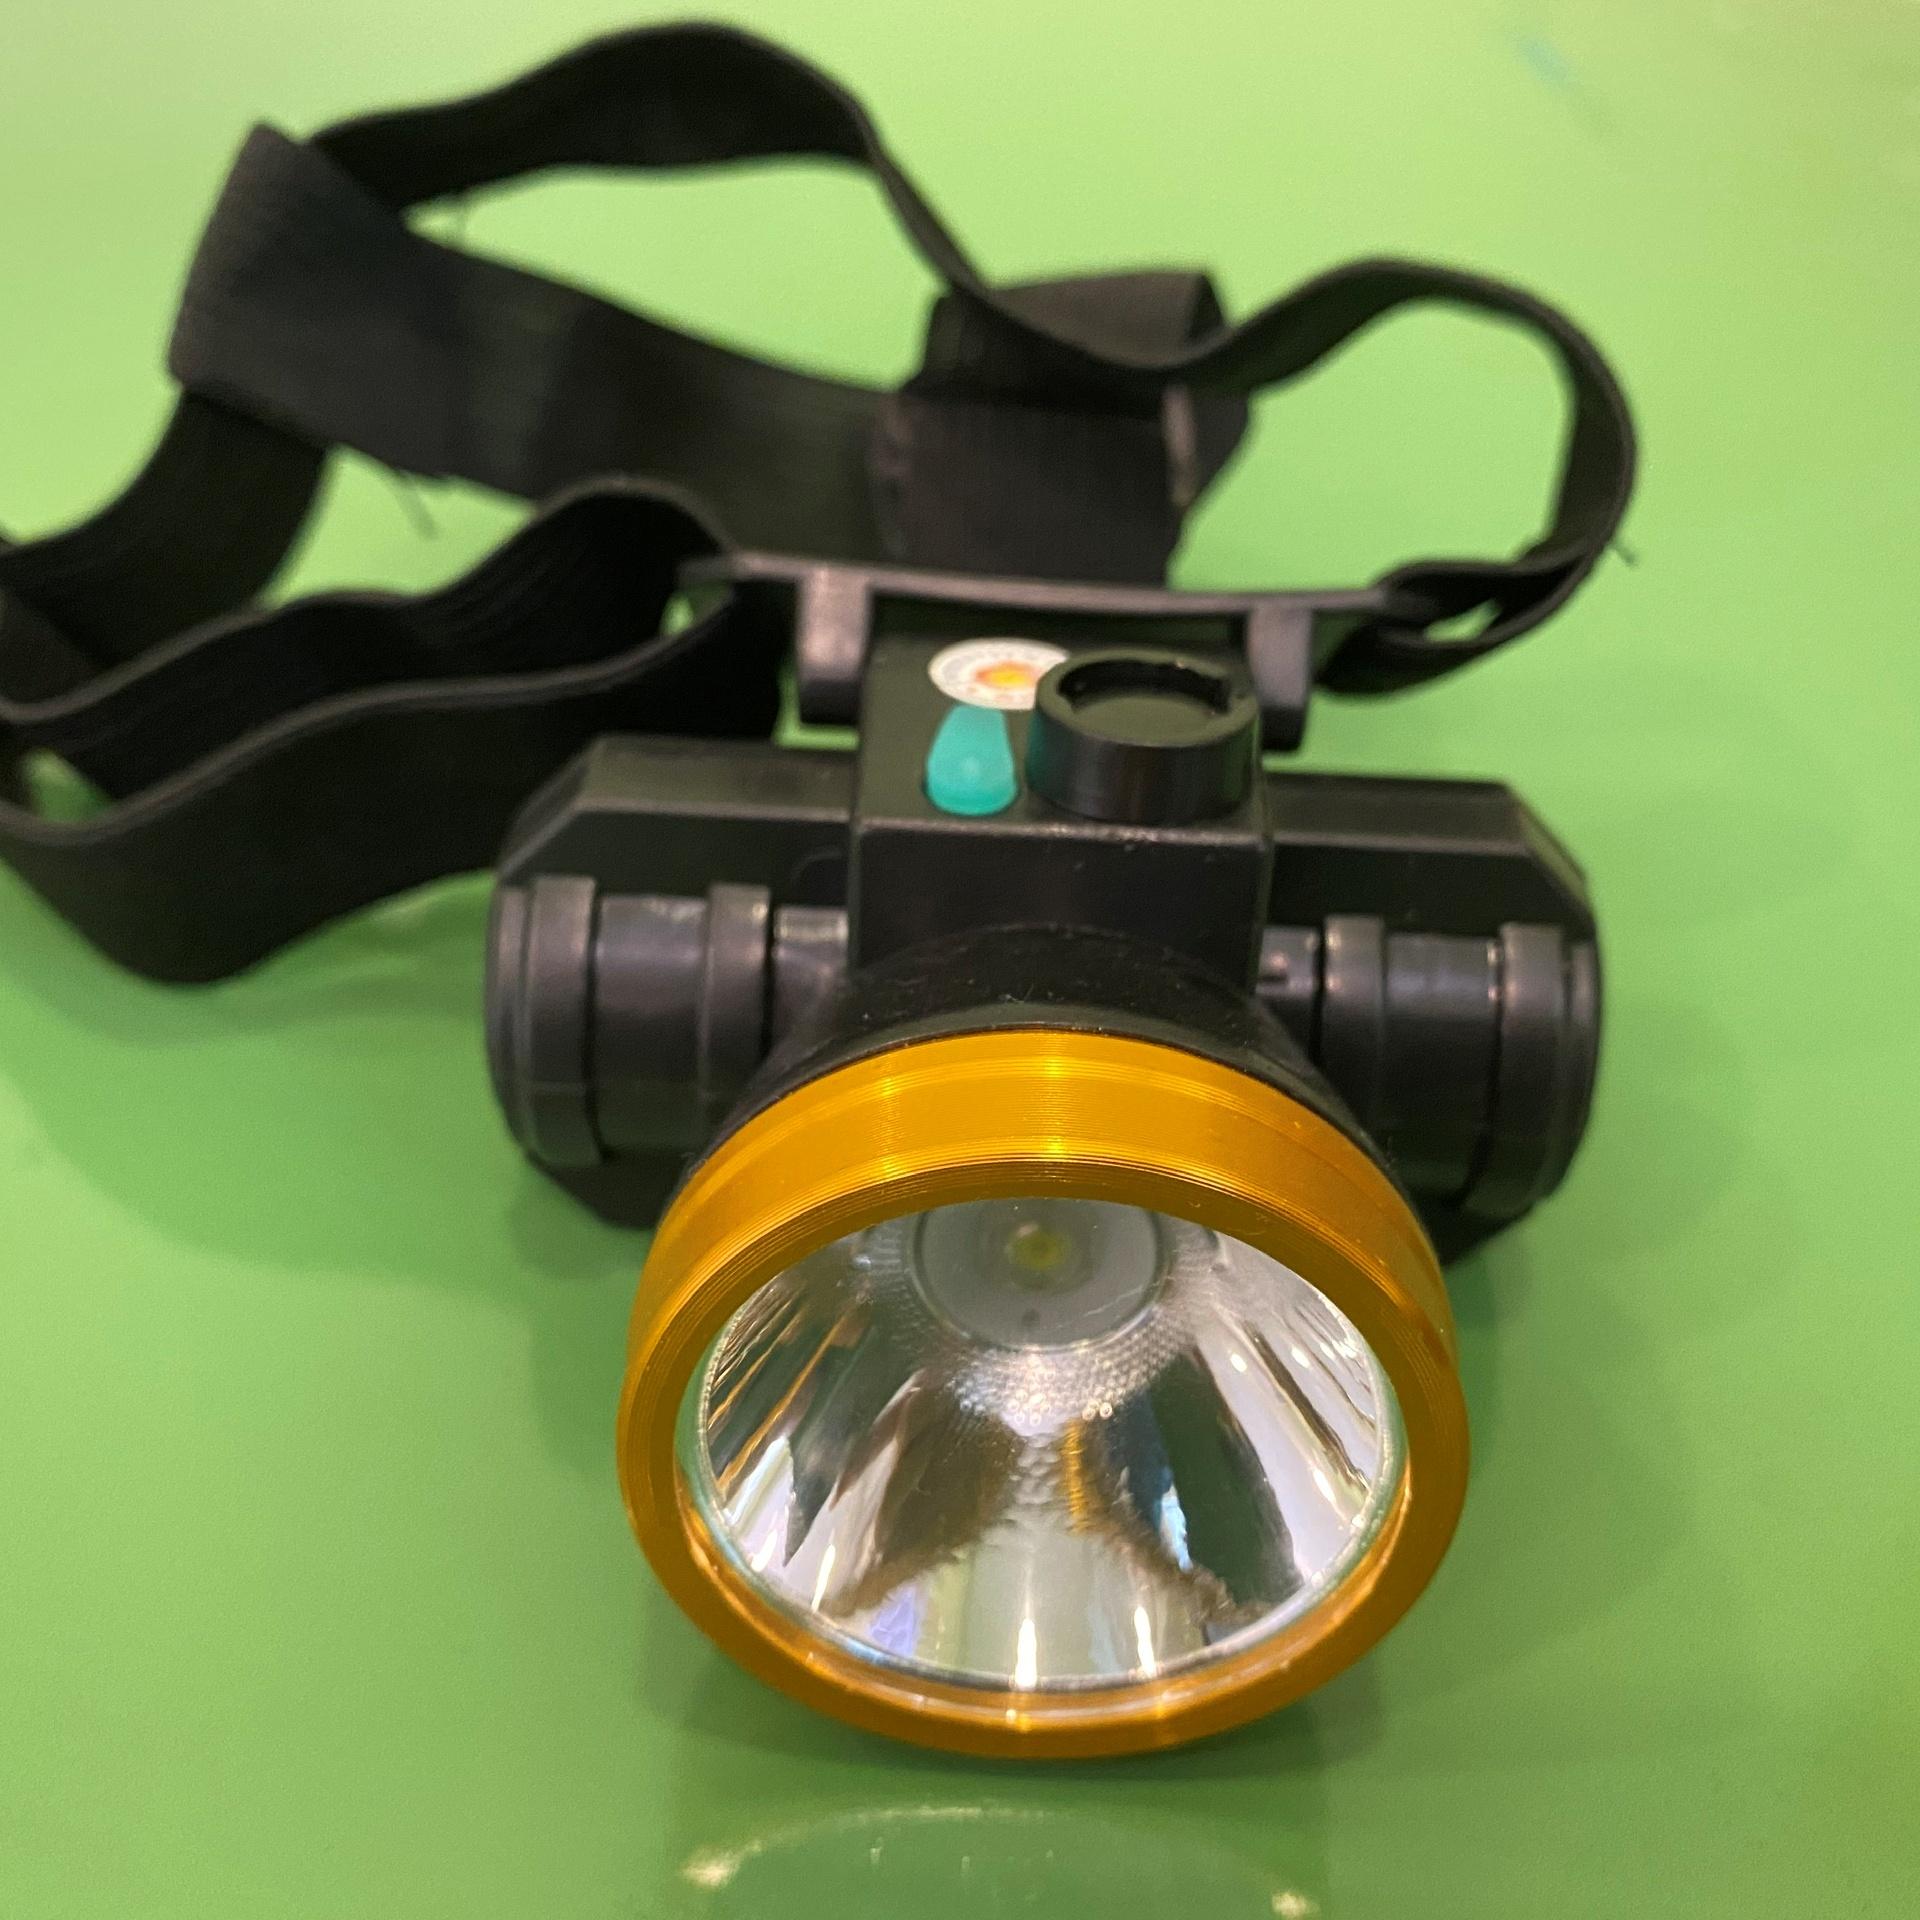 Đèn pin đội đầu Essesa 50W đường kính chóa đèn 4.5cm - Chính hãng